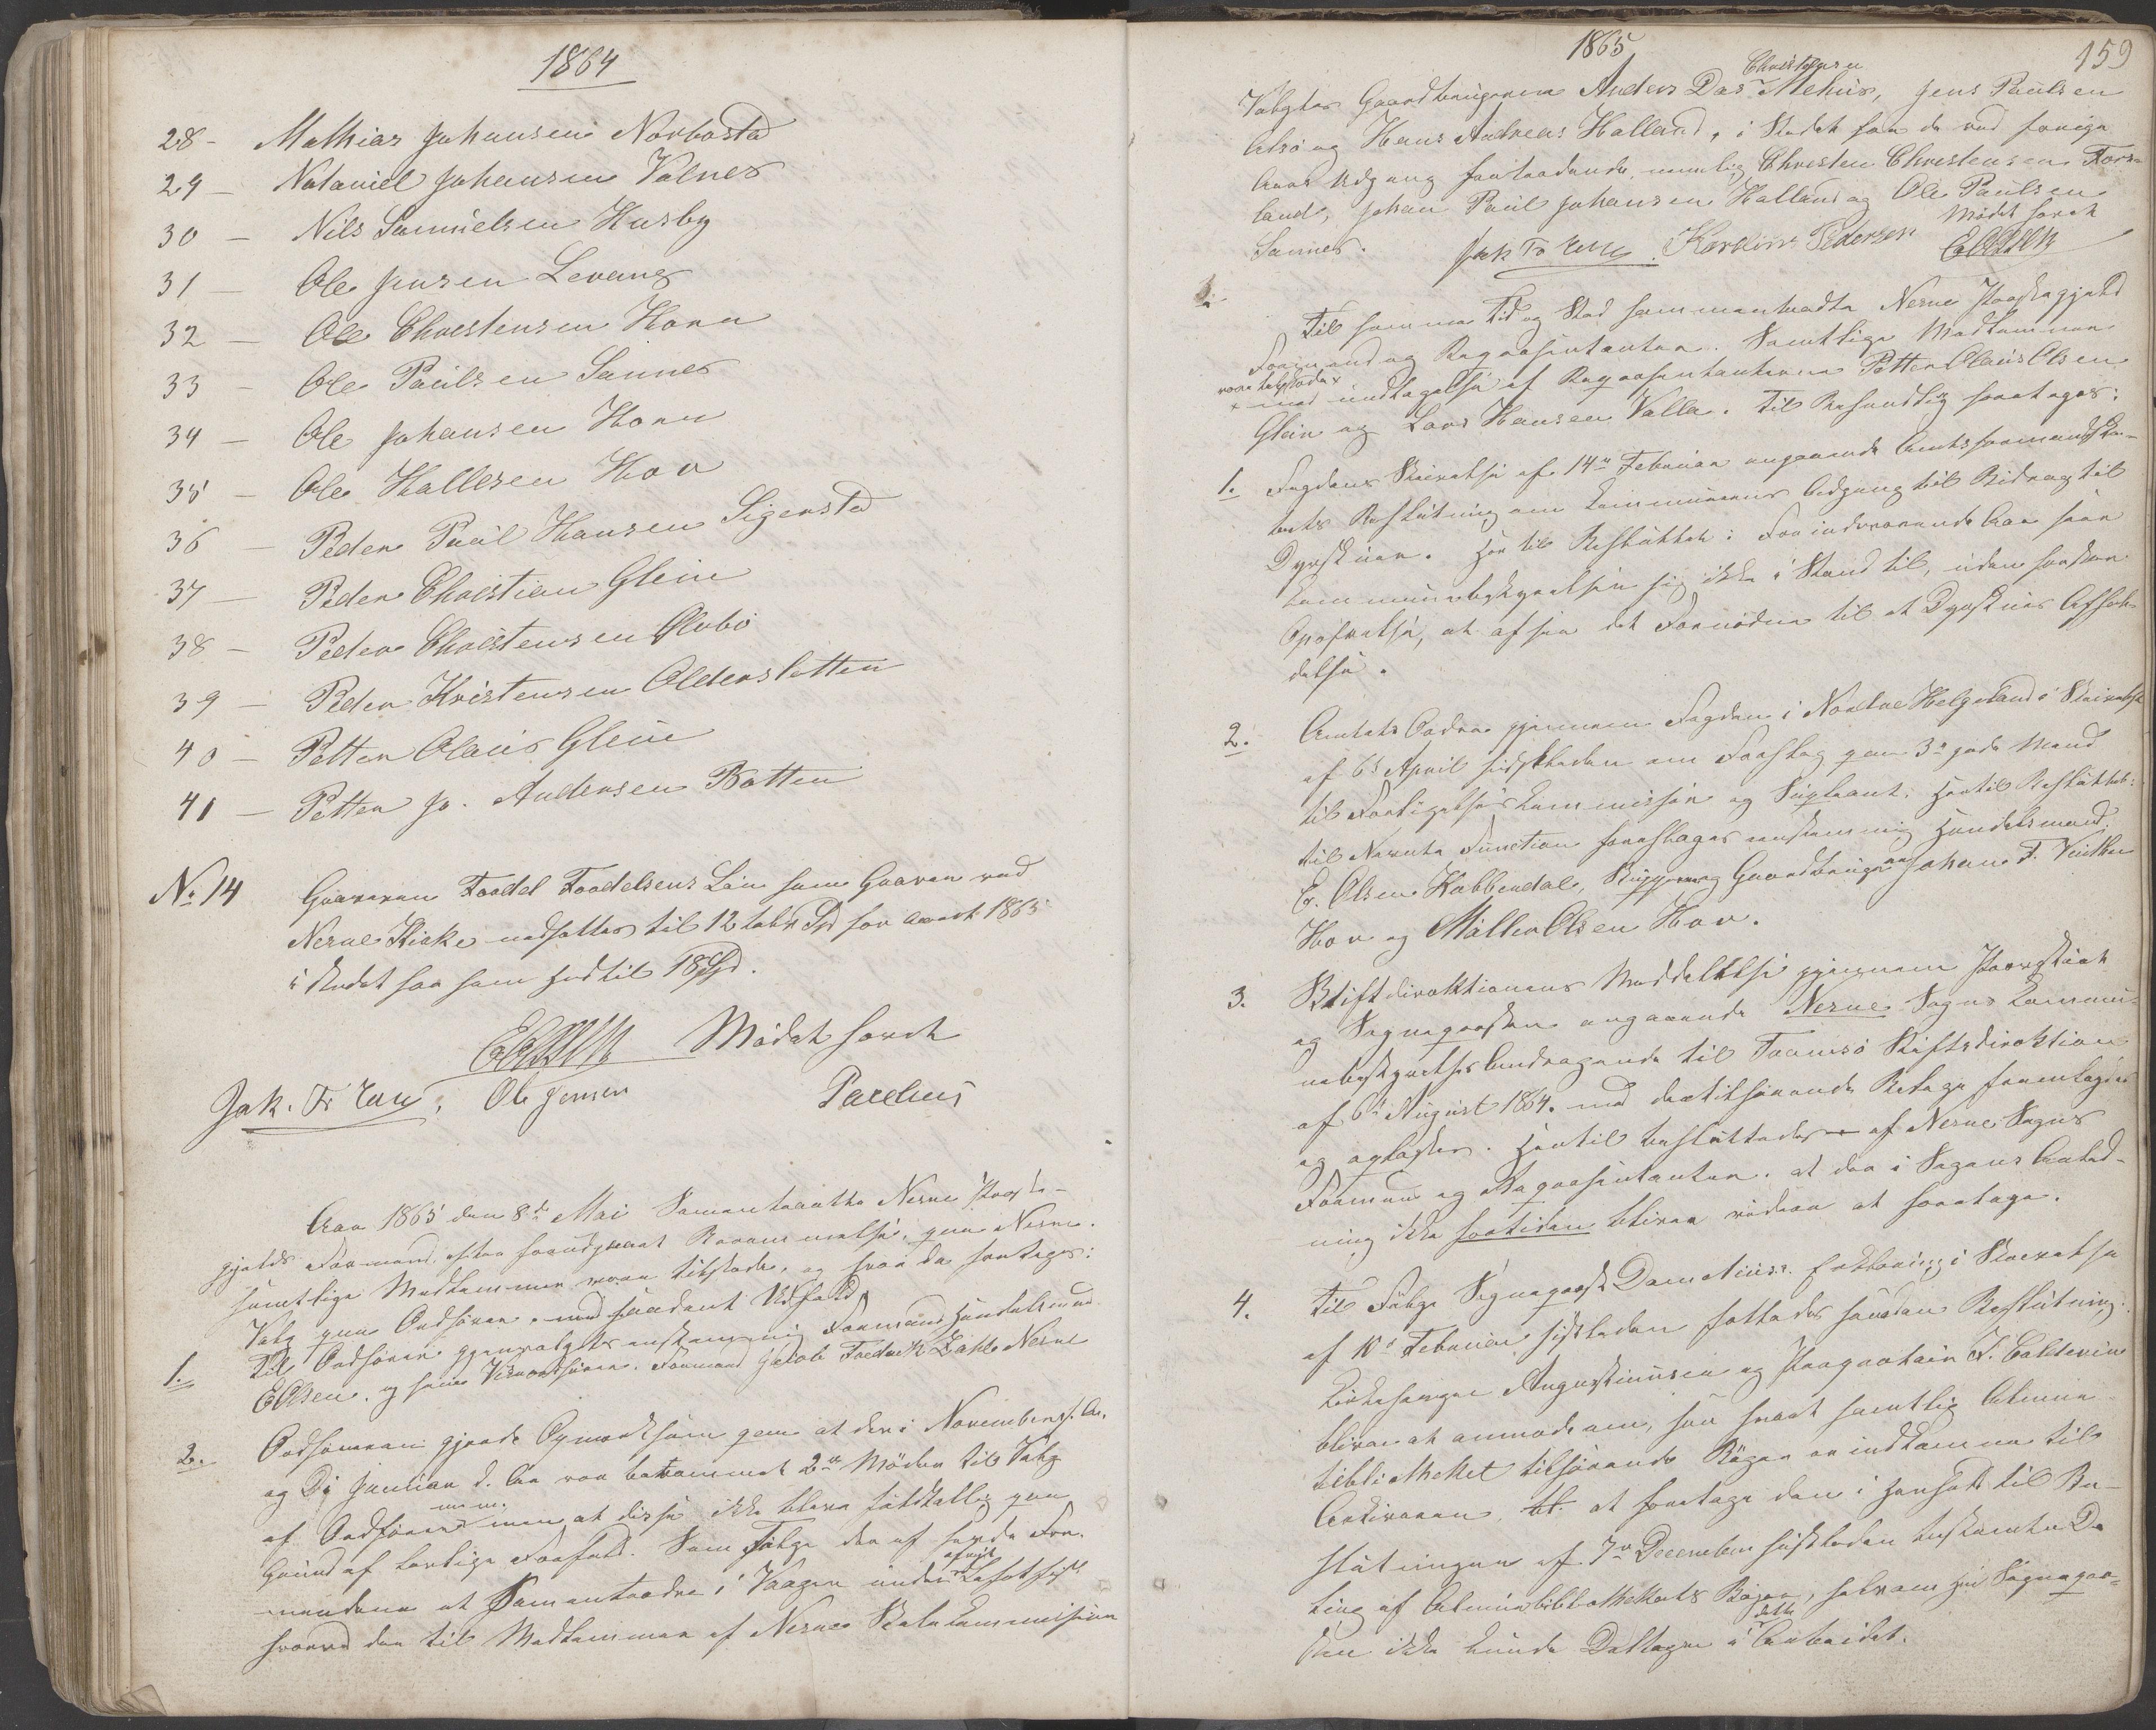 AIN, Nesna kommune. Formannskapet, 100/L0001: Møtebok, 1838-1873, s. 159